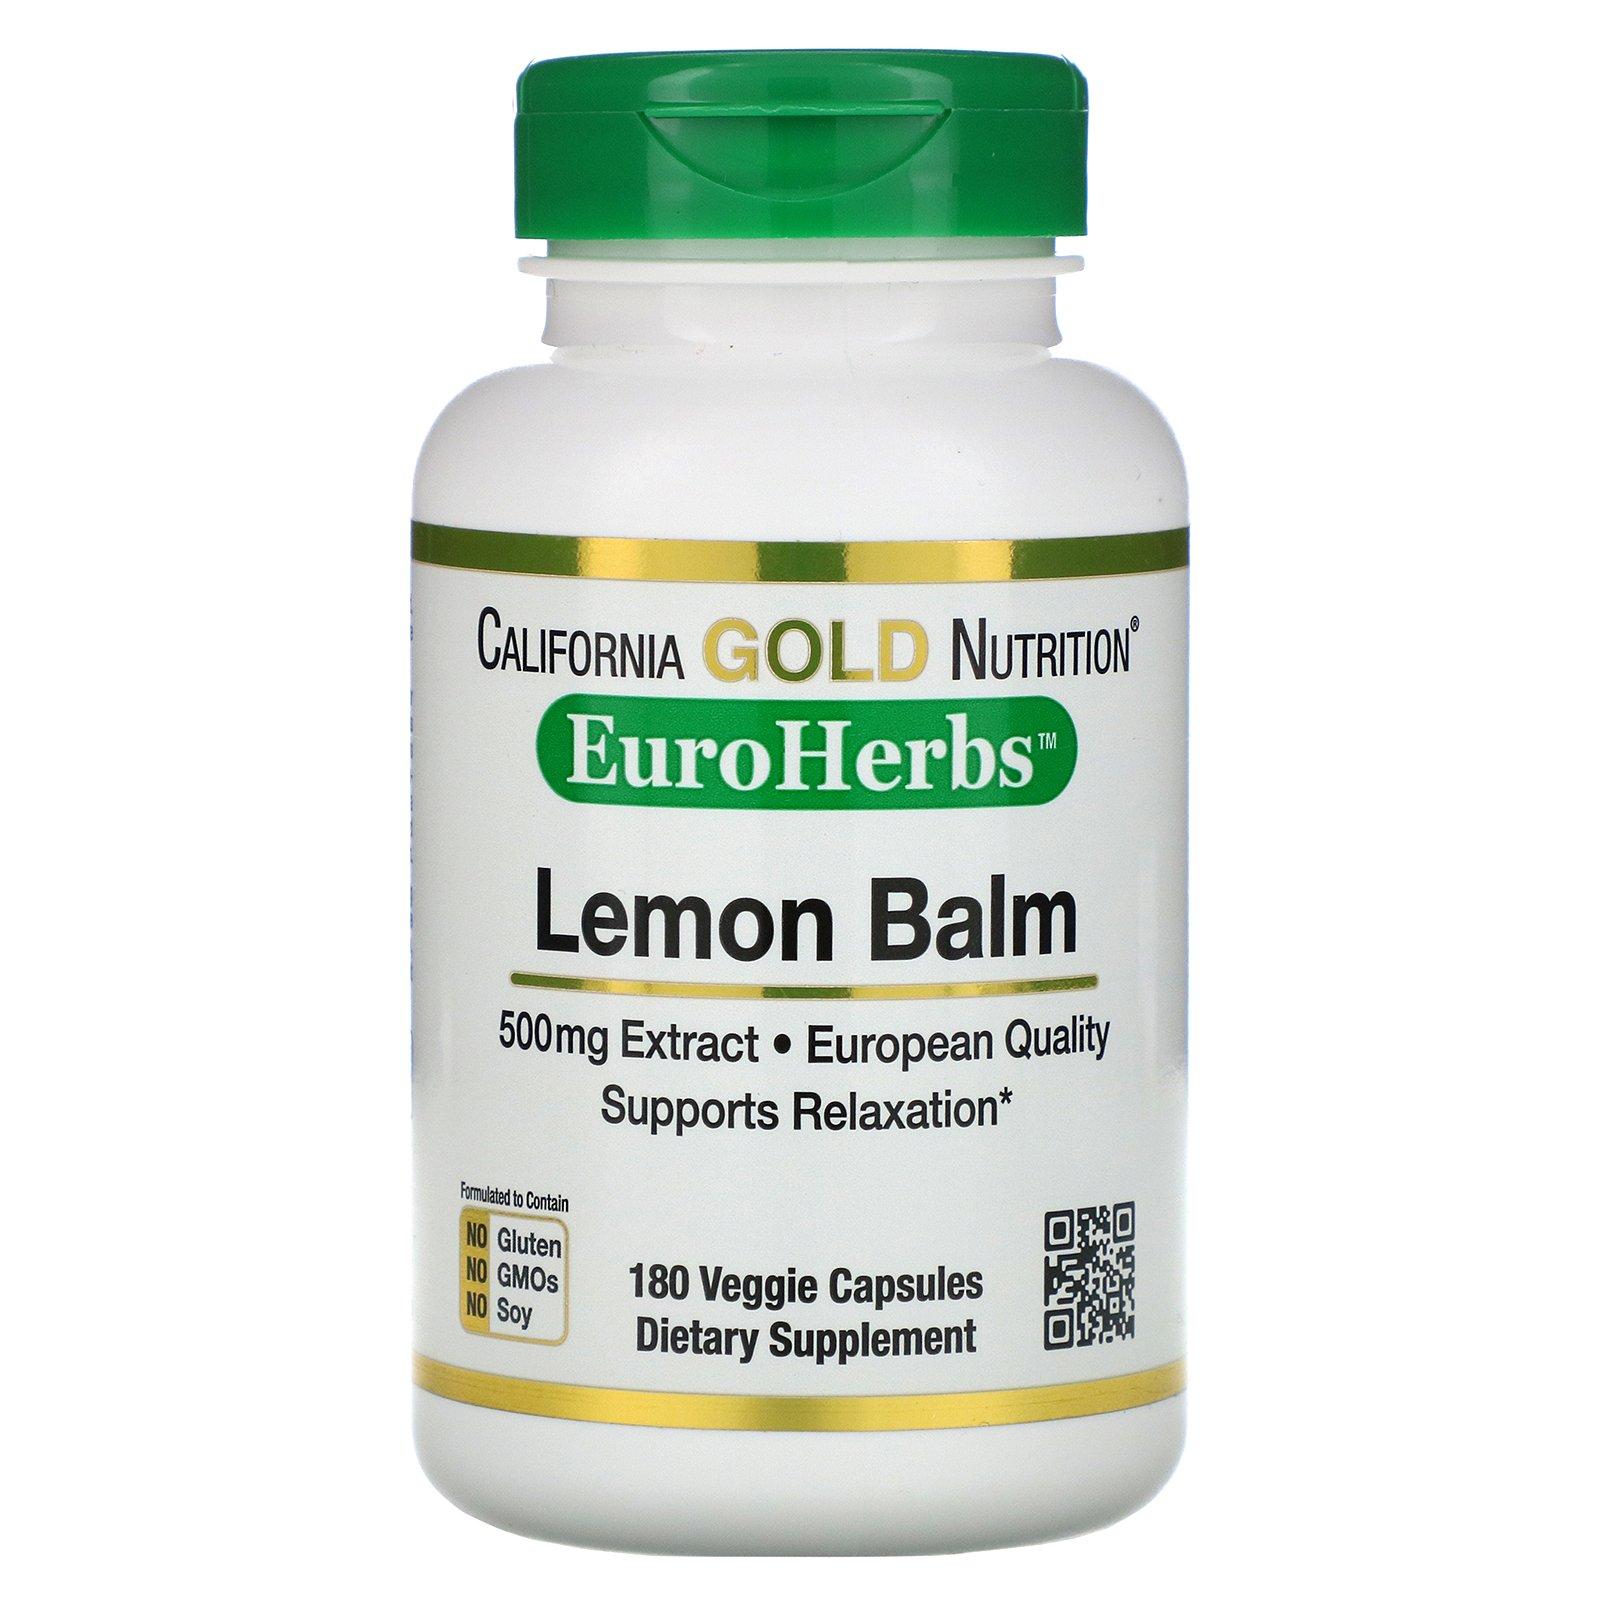 California Gold Nutrition, экстракт мелиссы, европейское качество, 500 мг, 180 вегетарианских капсул